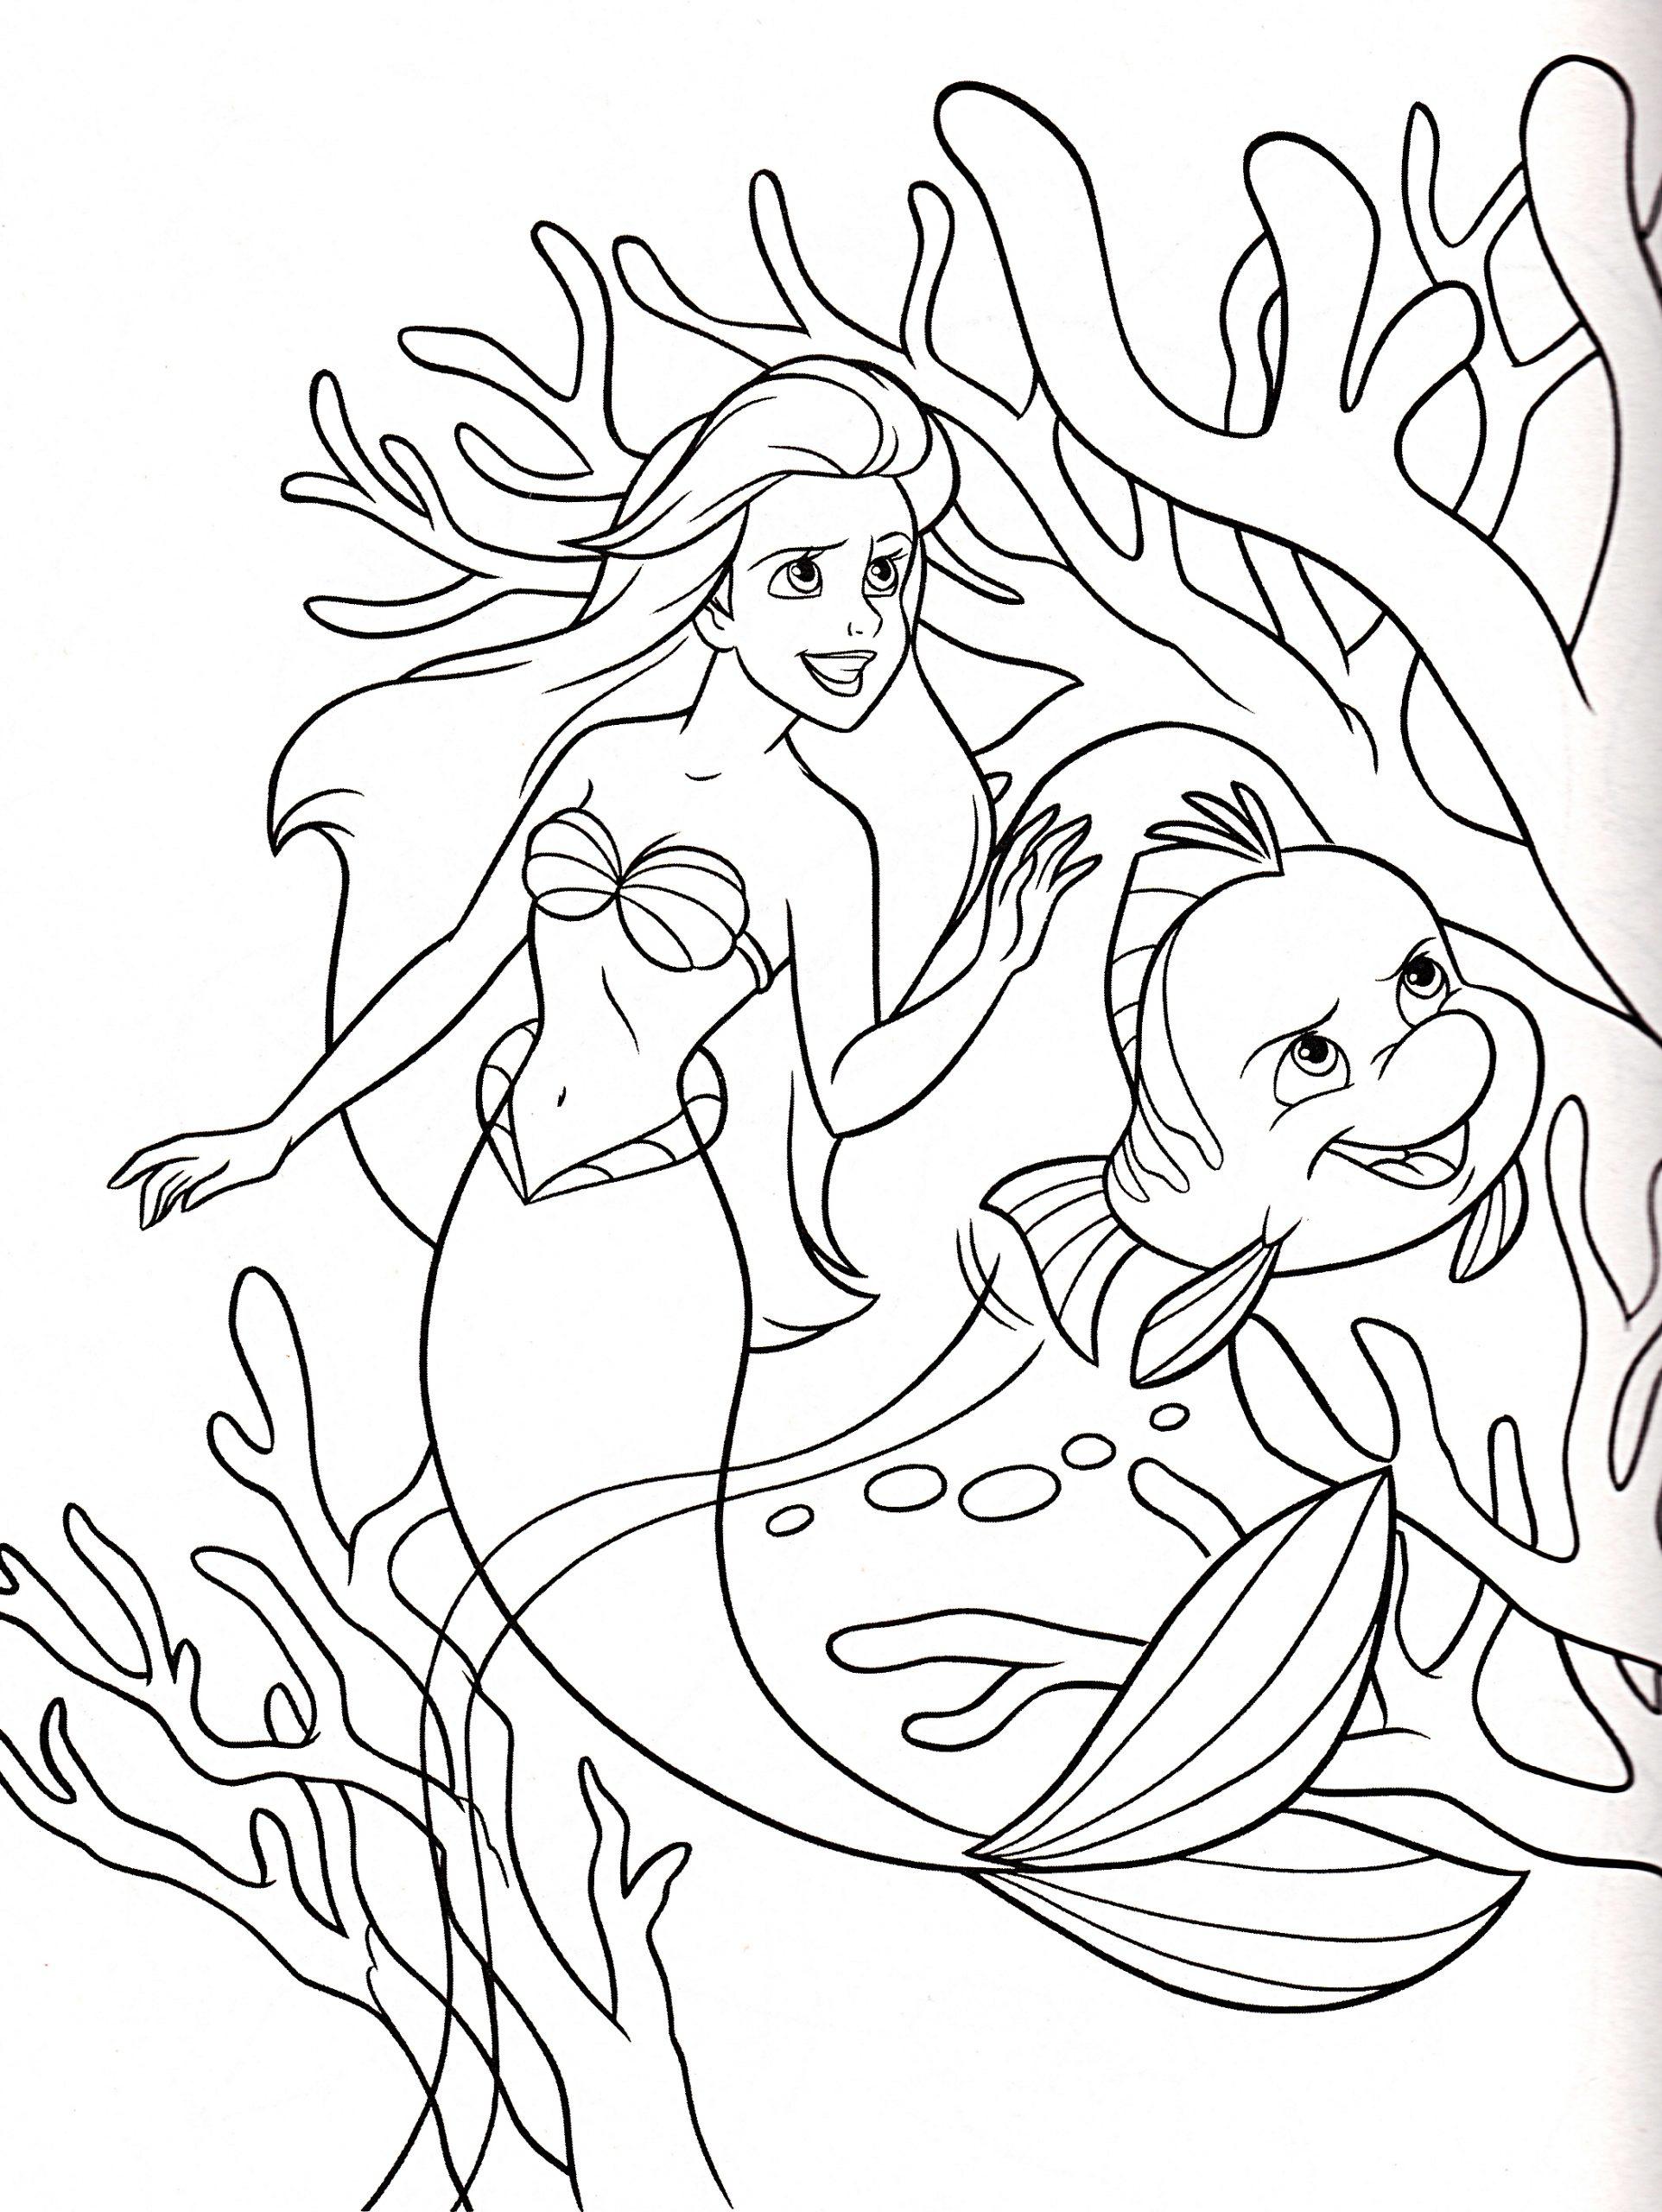 Coloriage La Petite Sirène Disney À Imprimer encequiconcerne La Petite Sirène À Colorier